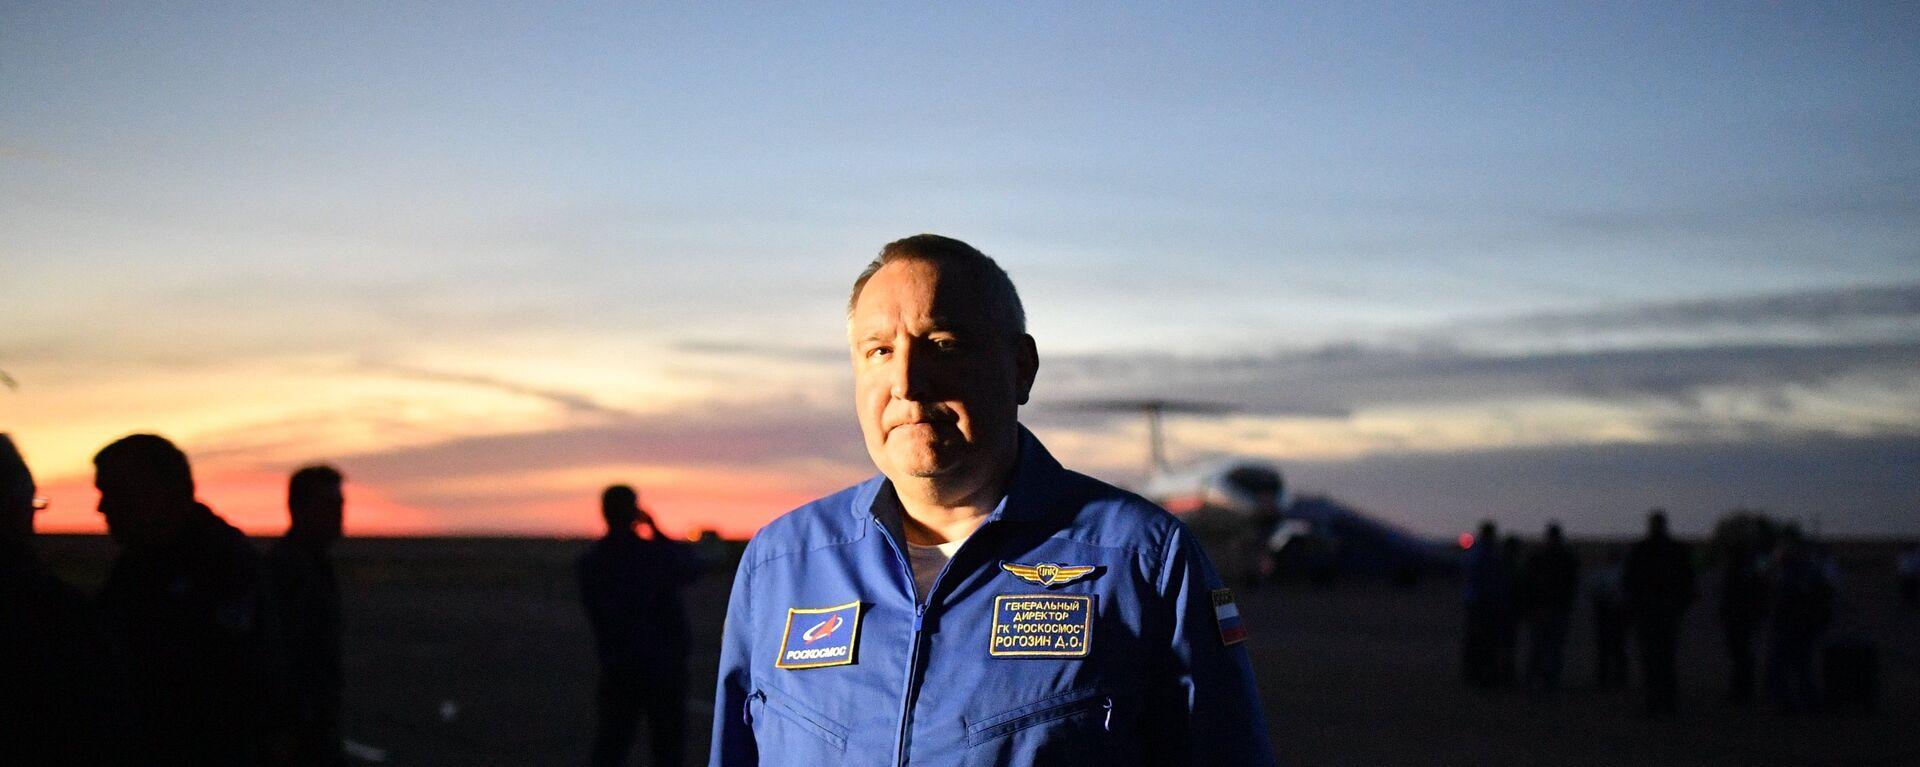 Dmitry Rogozin, người đứng đầu tập đoàn nhà nước Roscosmos của Nga - Sputnik Việt Nam, 1920, 06.03.2021